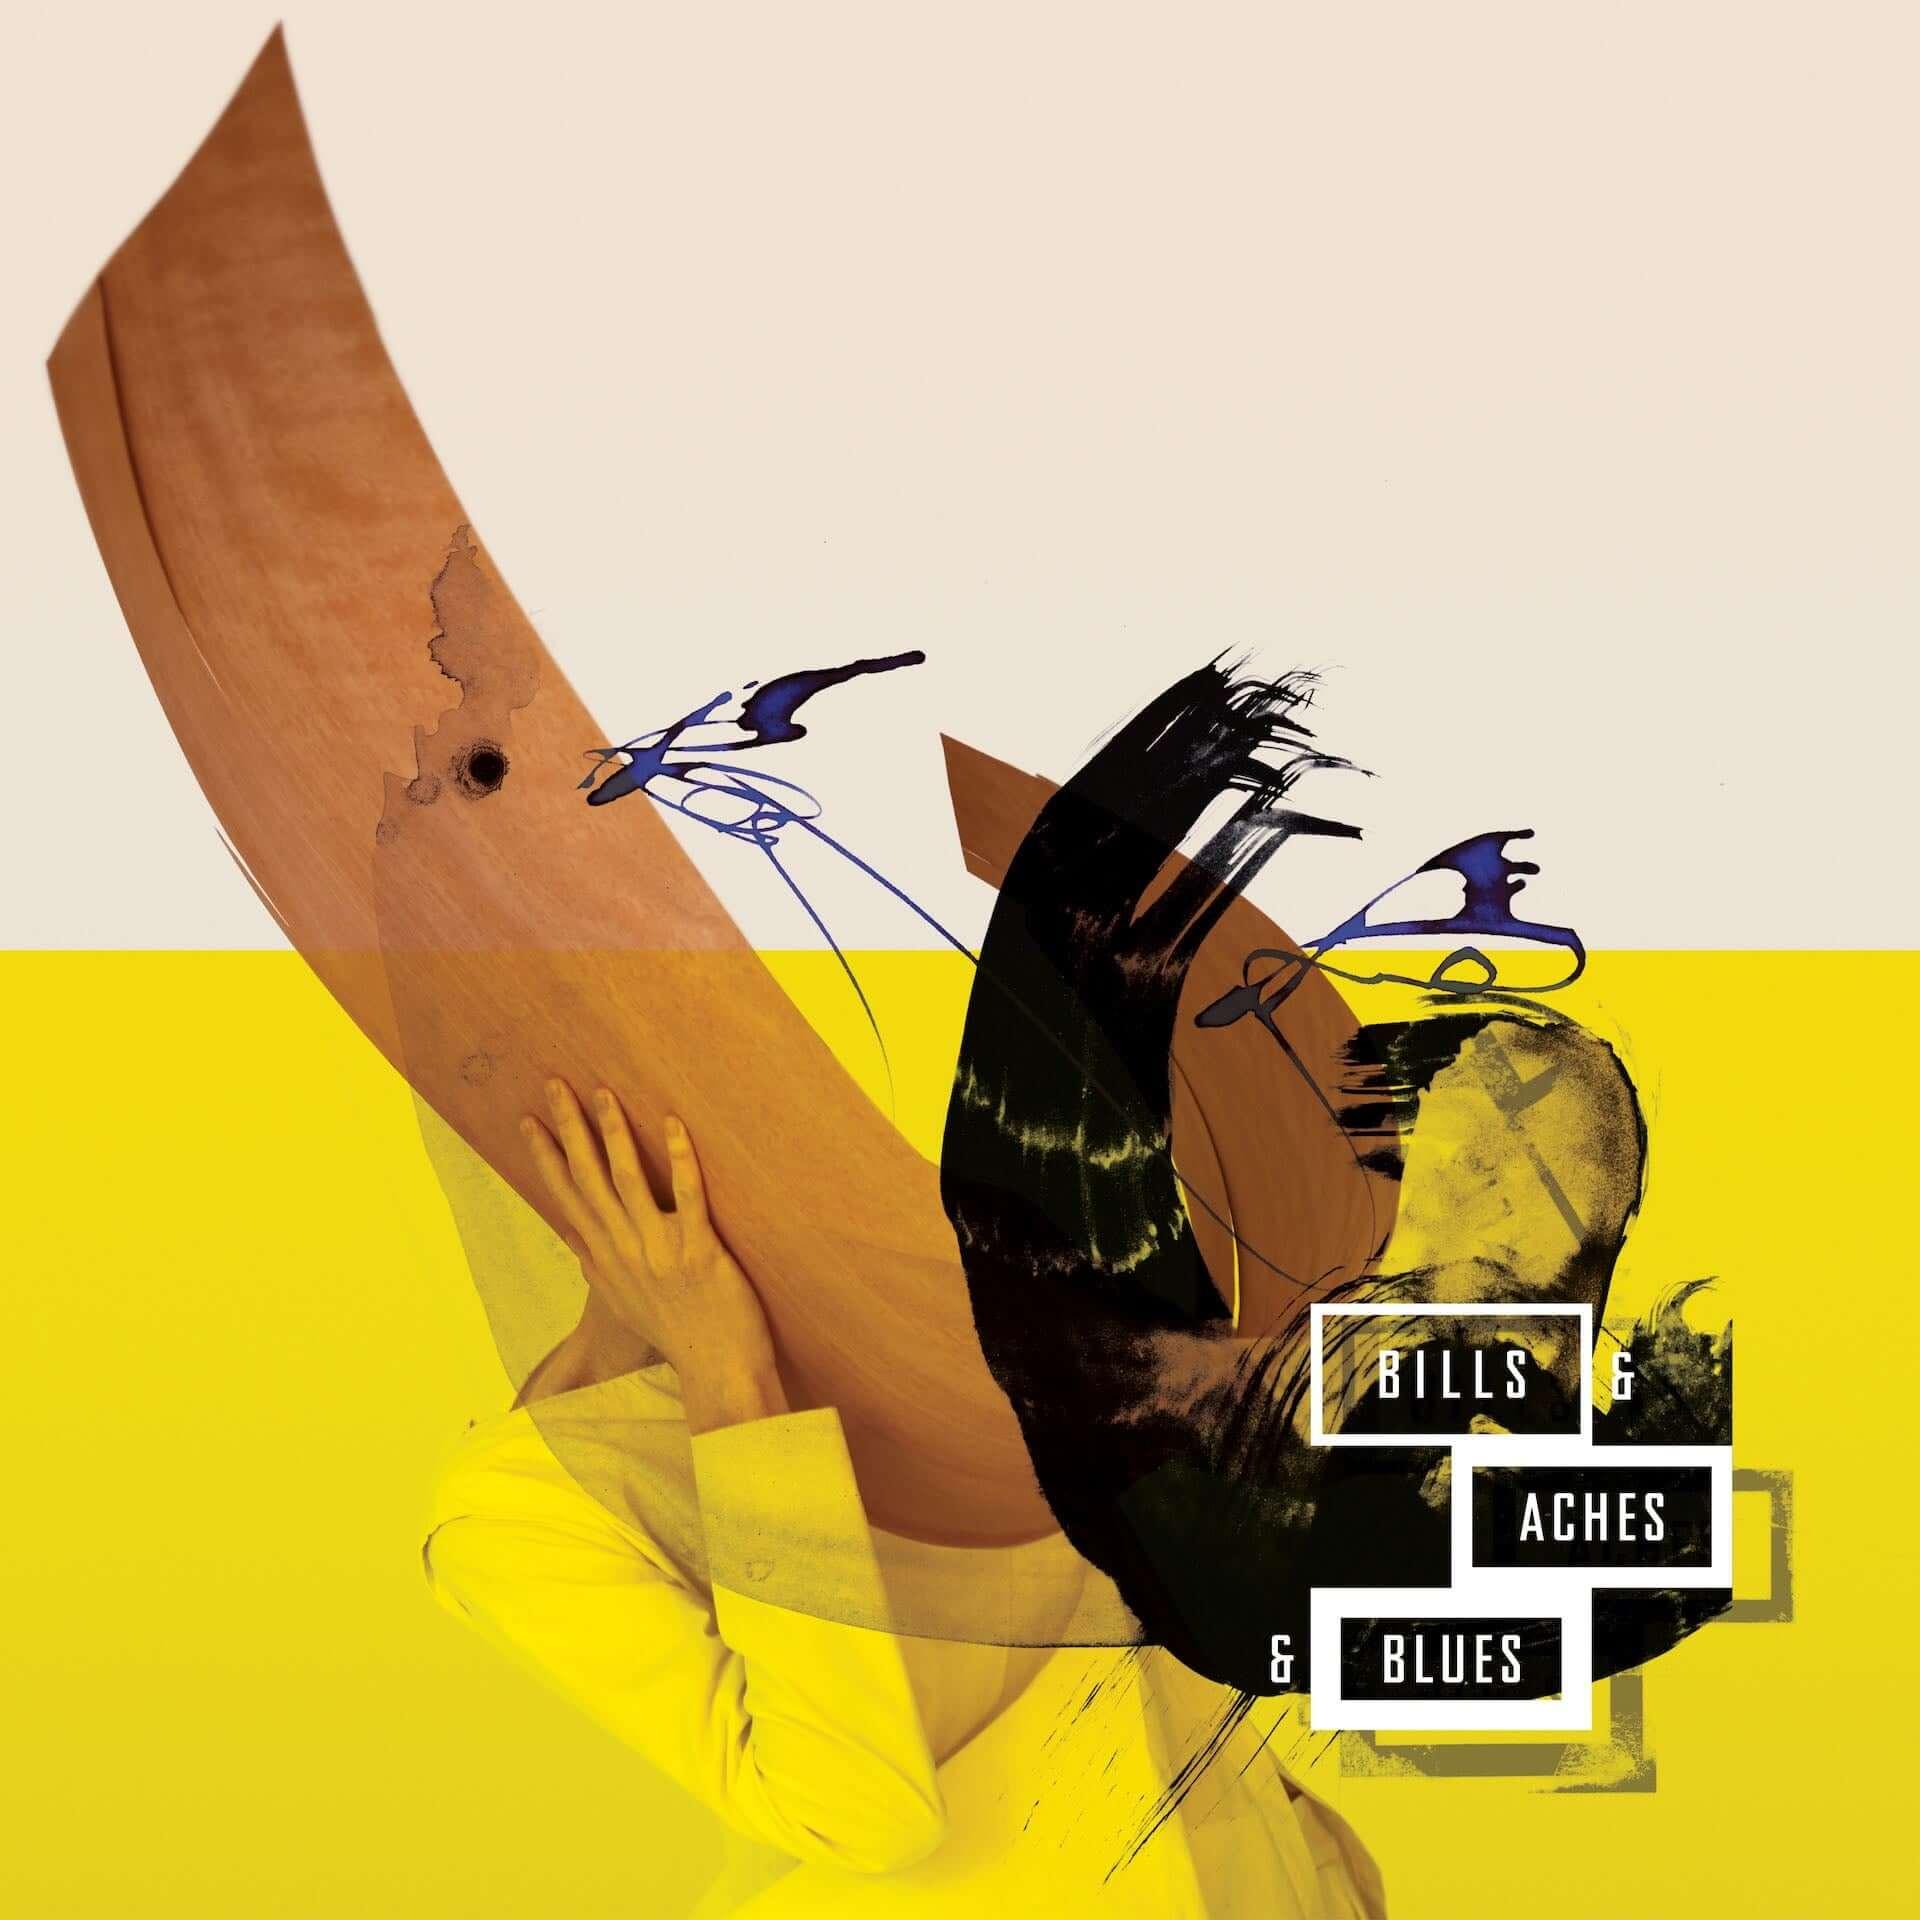 〈4AD〉40年の歴史における名曲をThe Breeders、Tune-Yardsら18組がカバー!メモリアル・アルバム『Bills & Aches & Blues』が発売決定 music210311_4ad_1-1920x1920